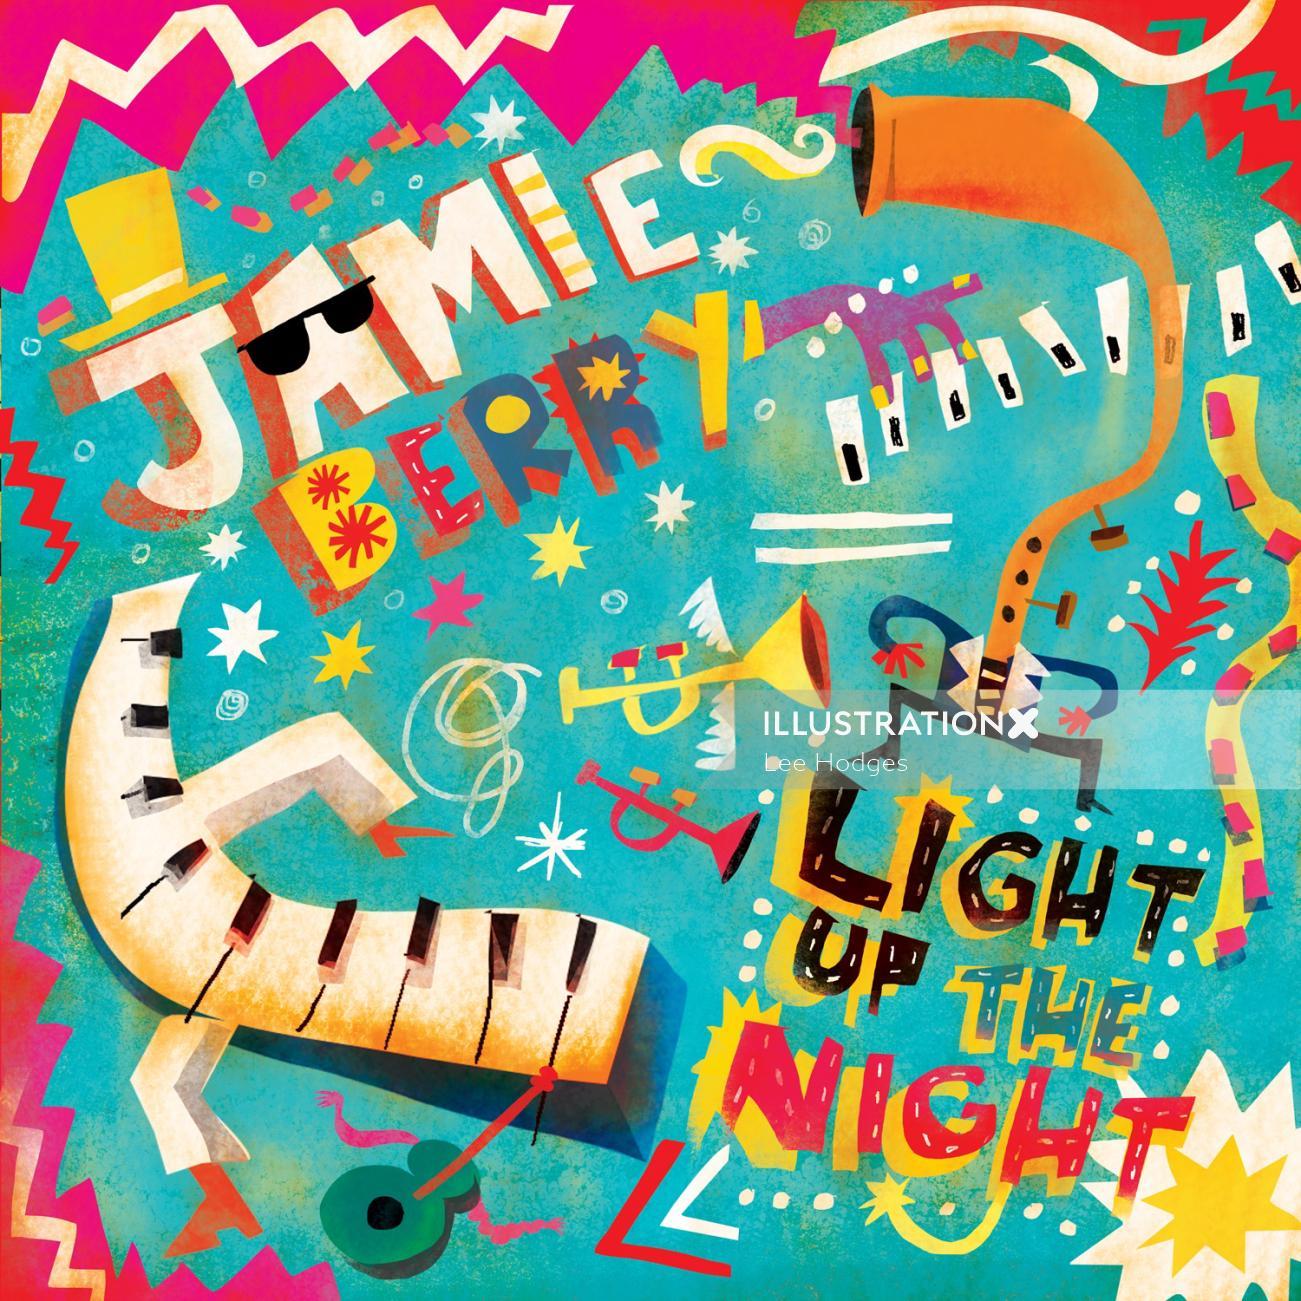 Graphic design of Jamie Berry album release